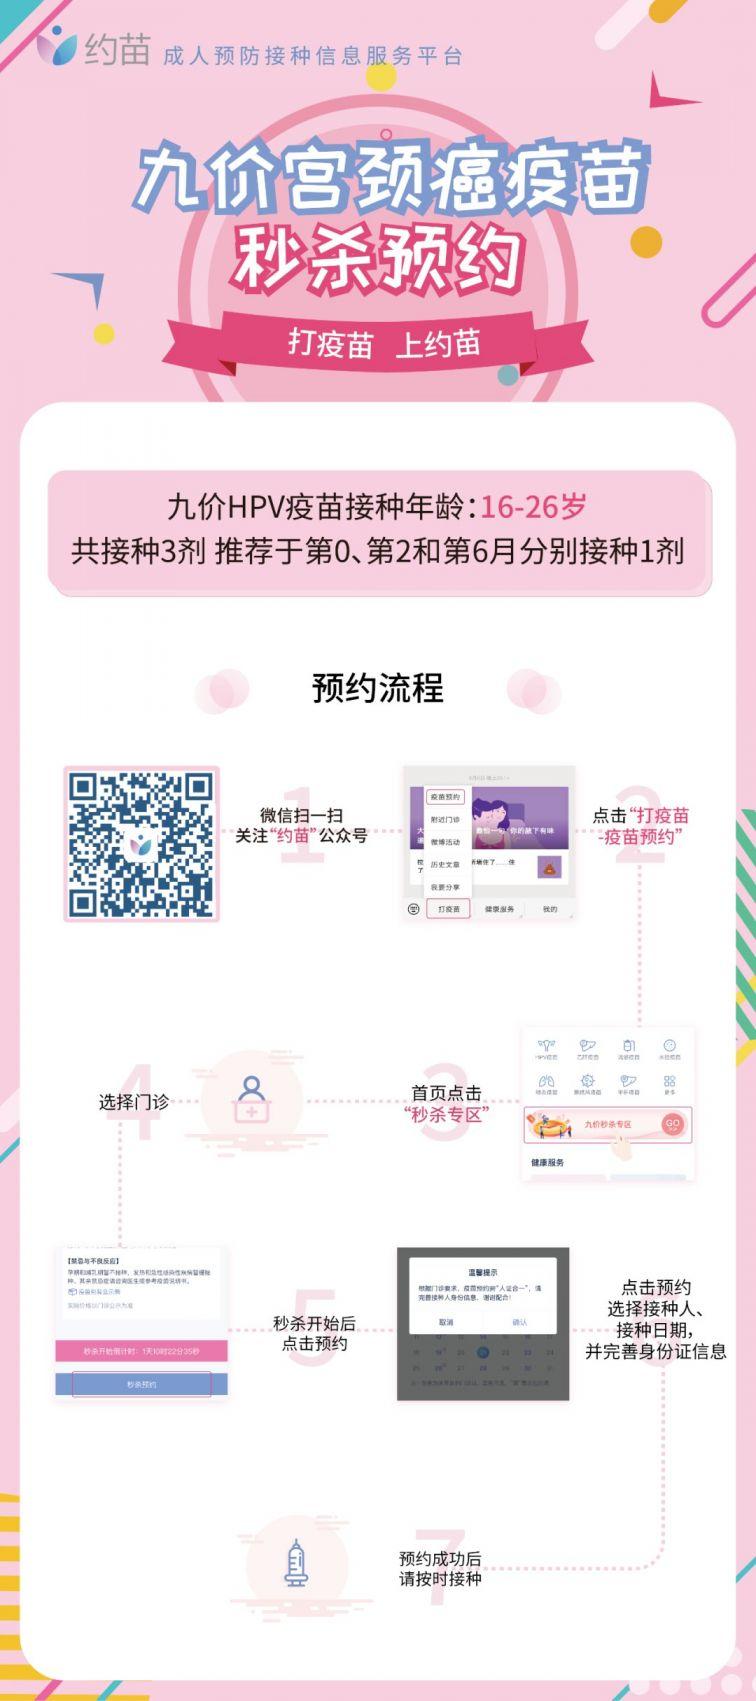 成都高新区桂溪社区HPV疫苗预约